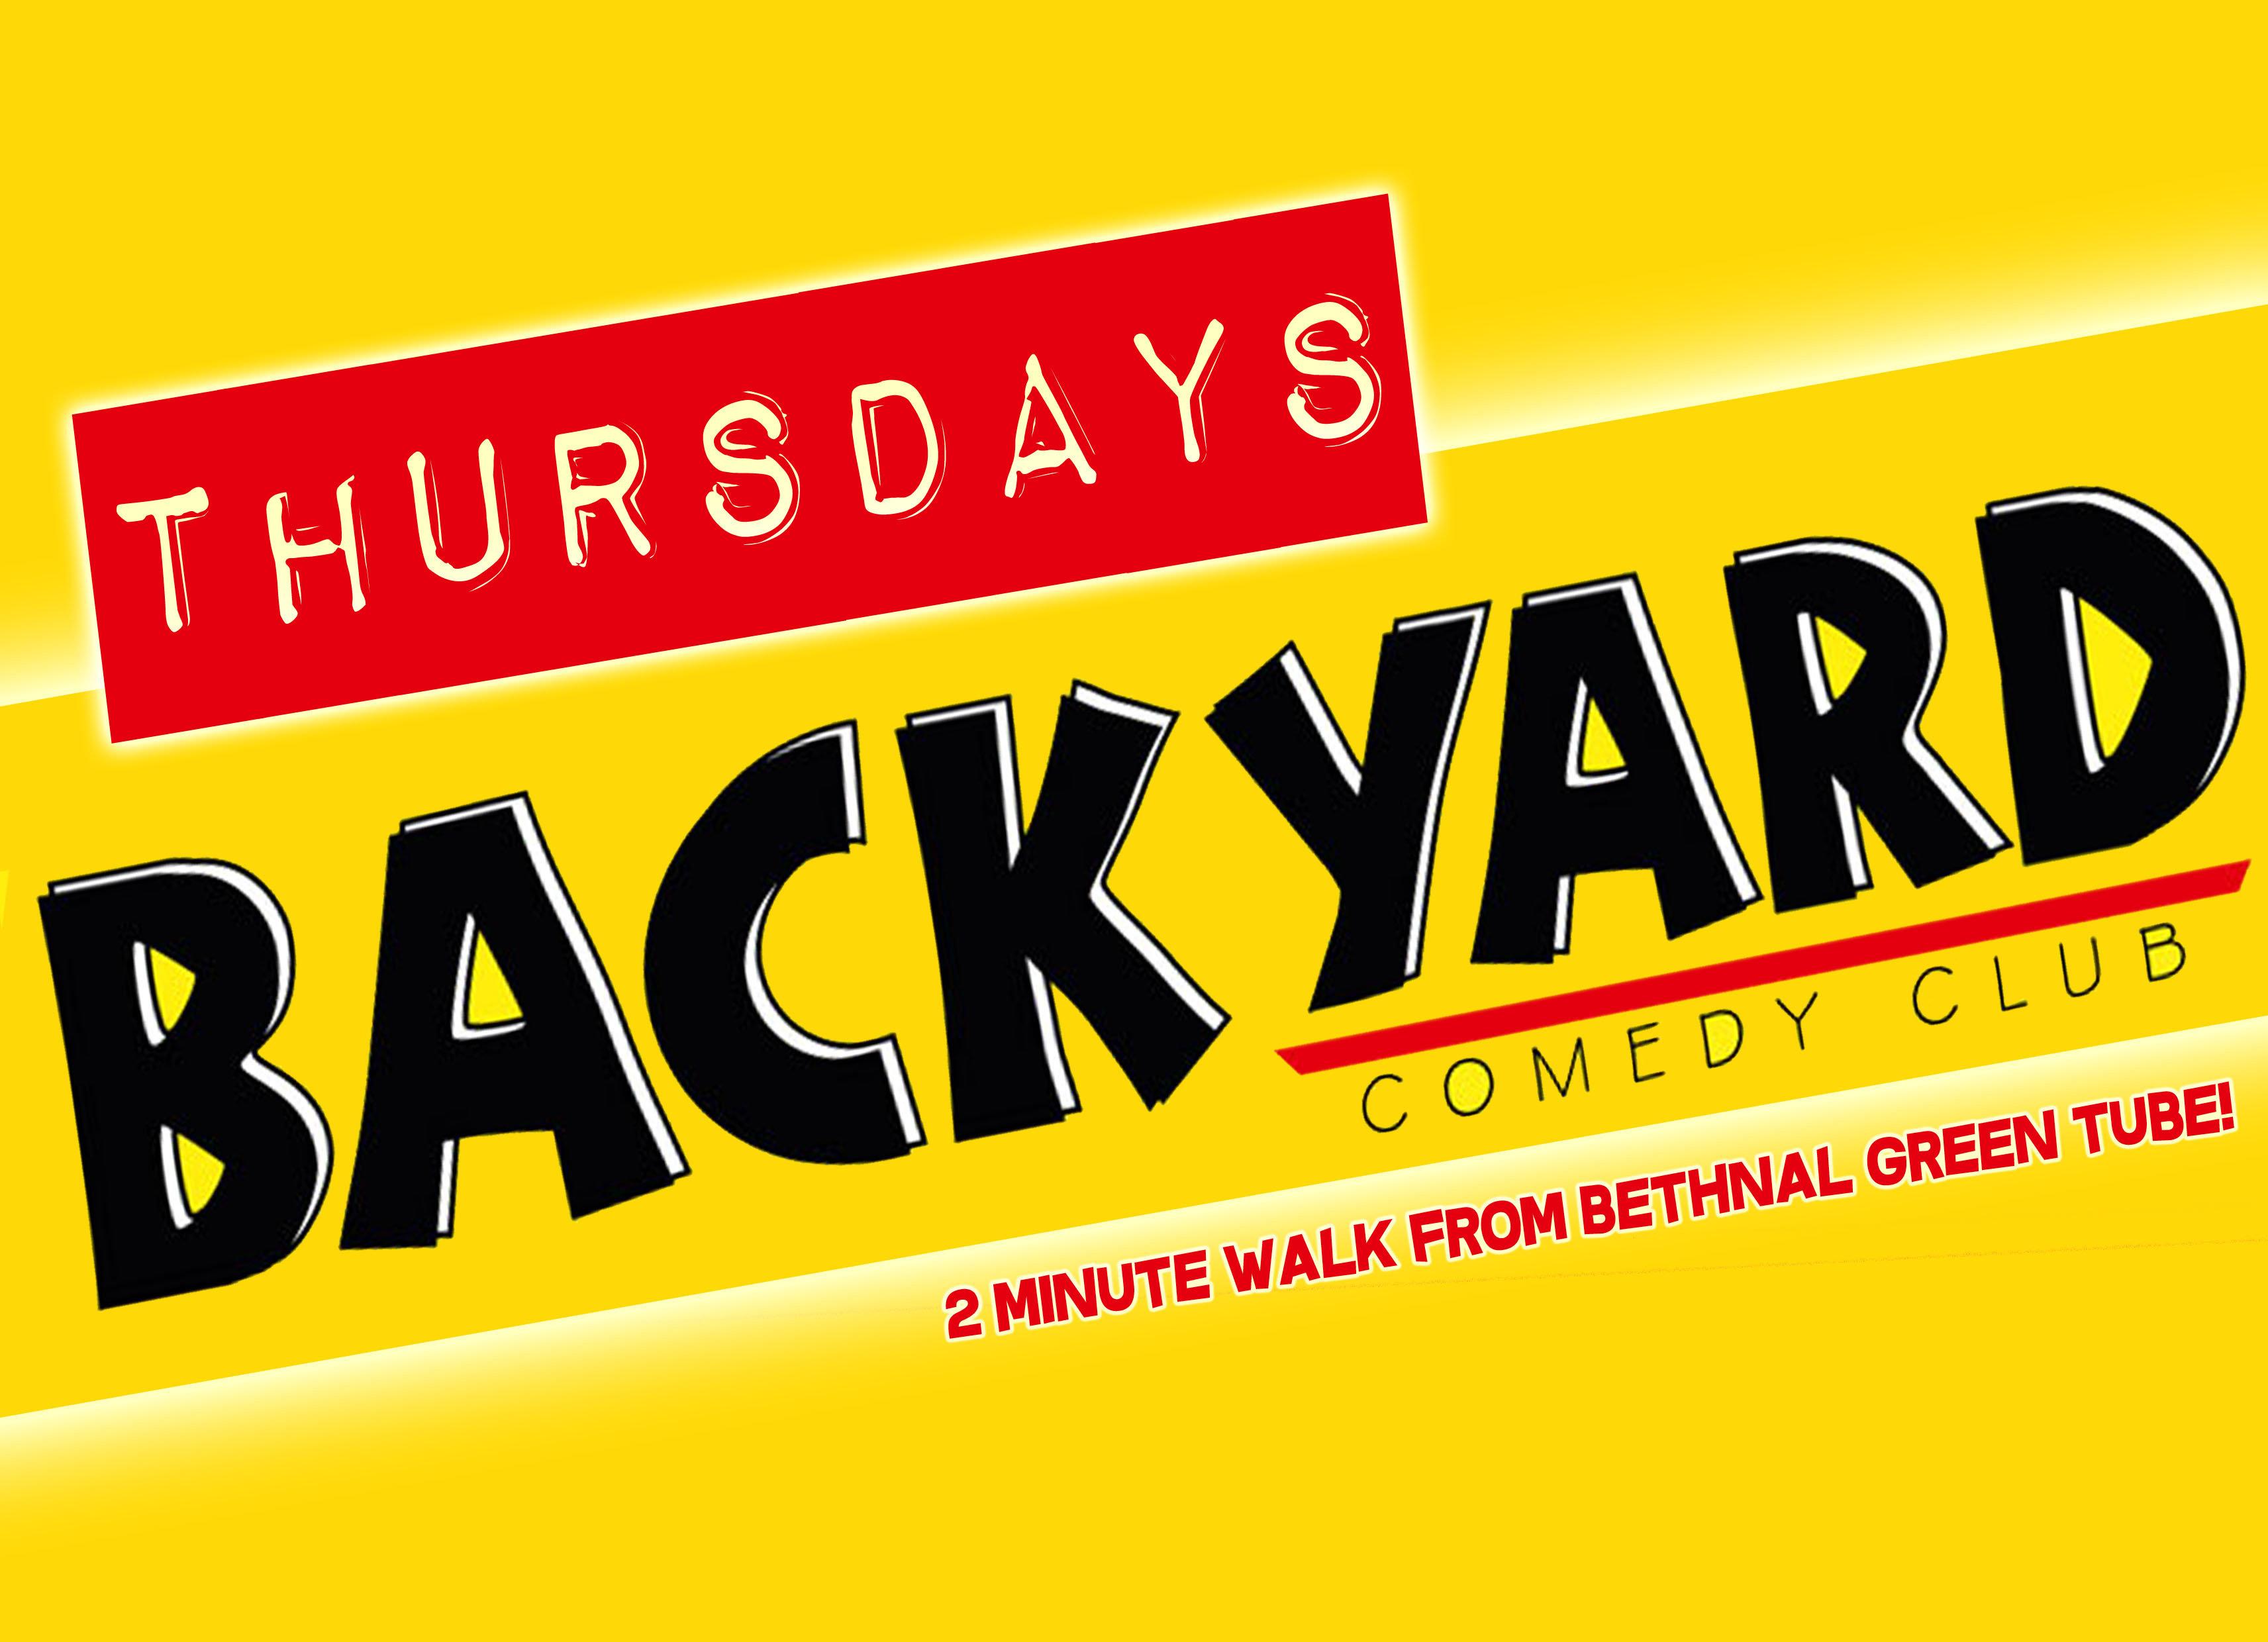 Backyard comedy club thursdays jokepit comedy club